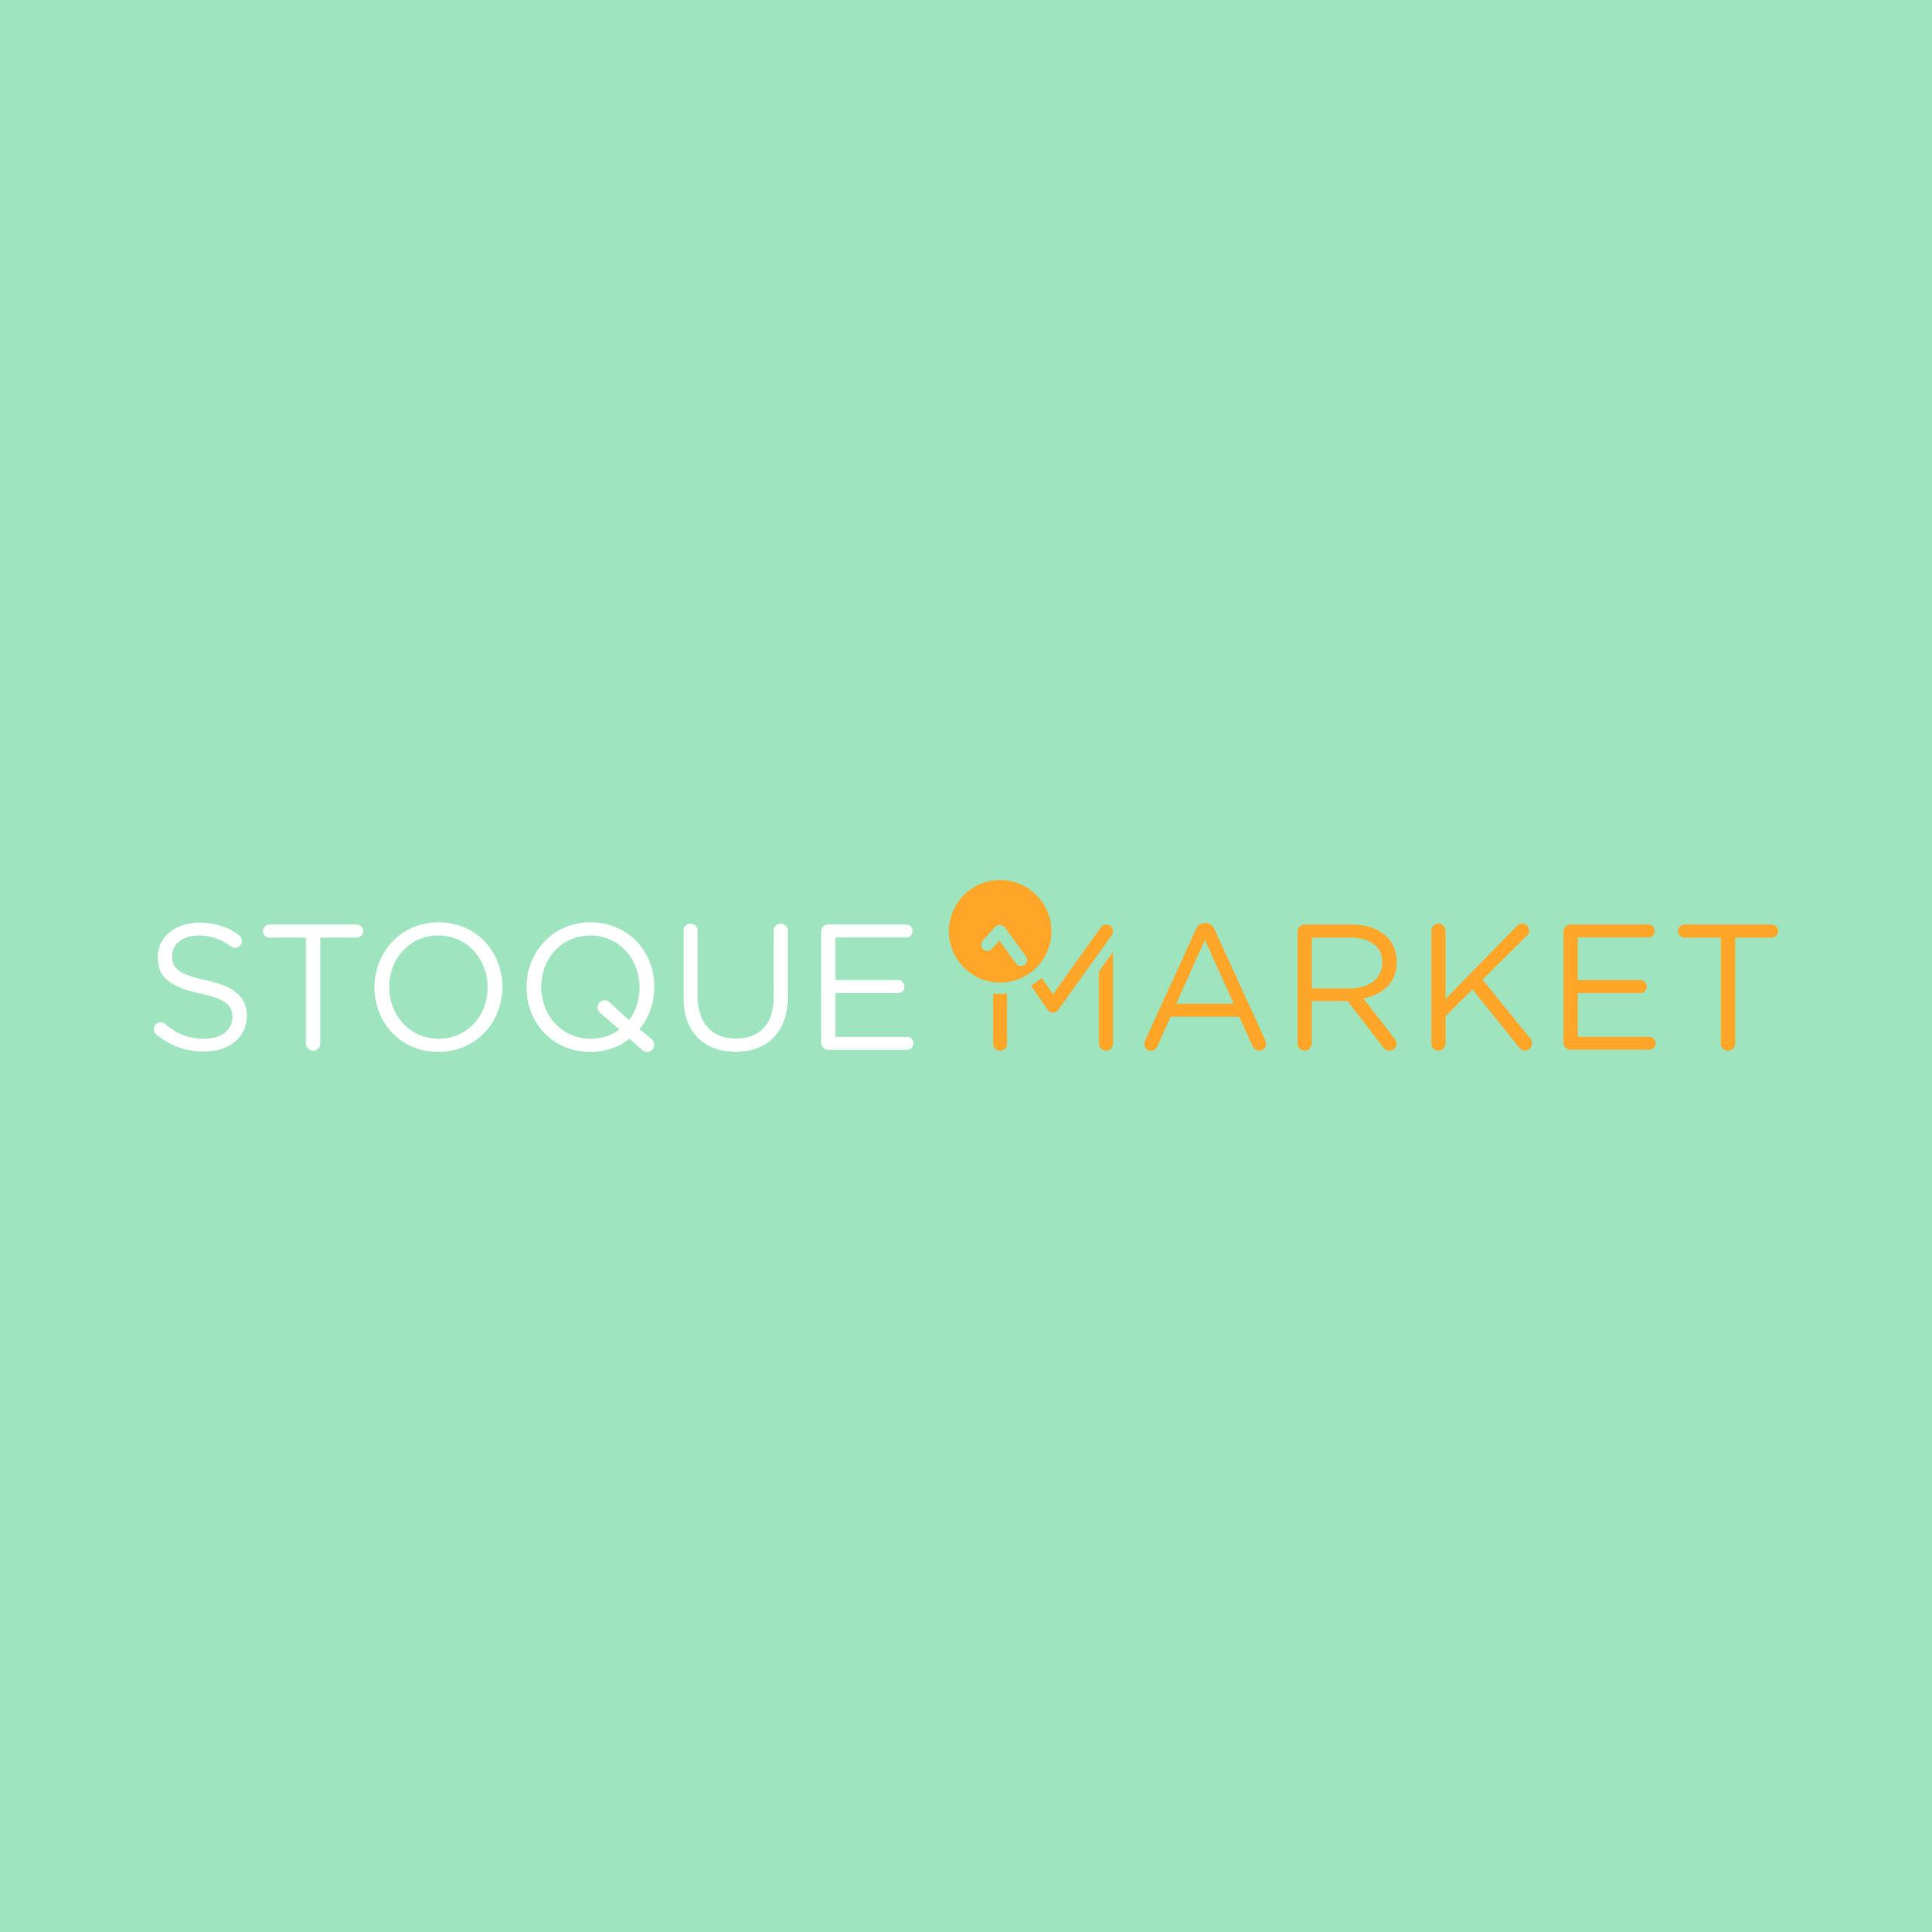 StoqueMarket